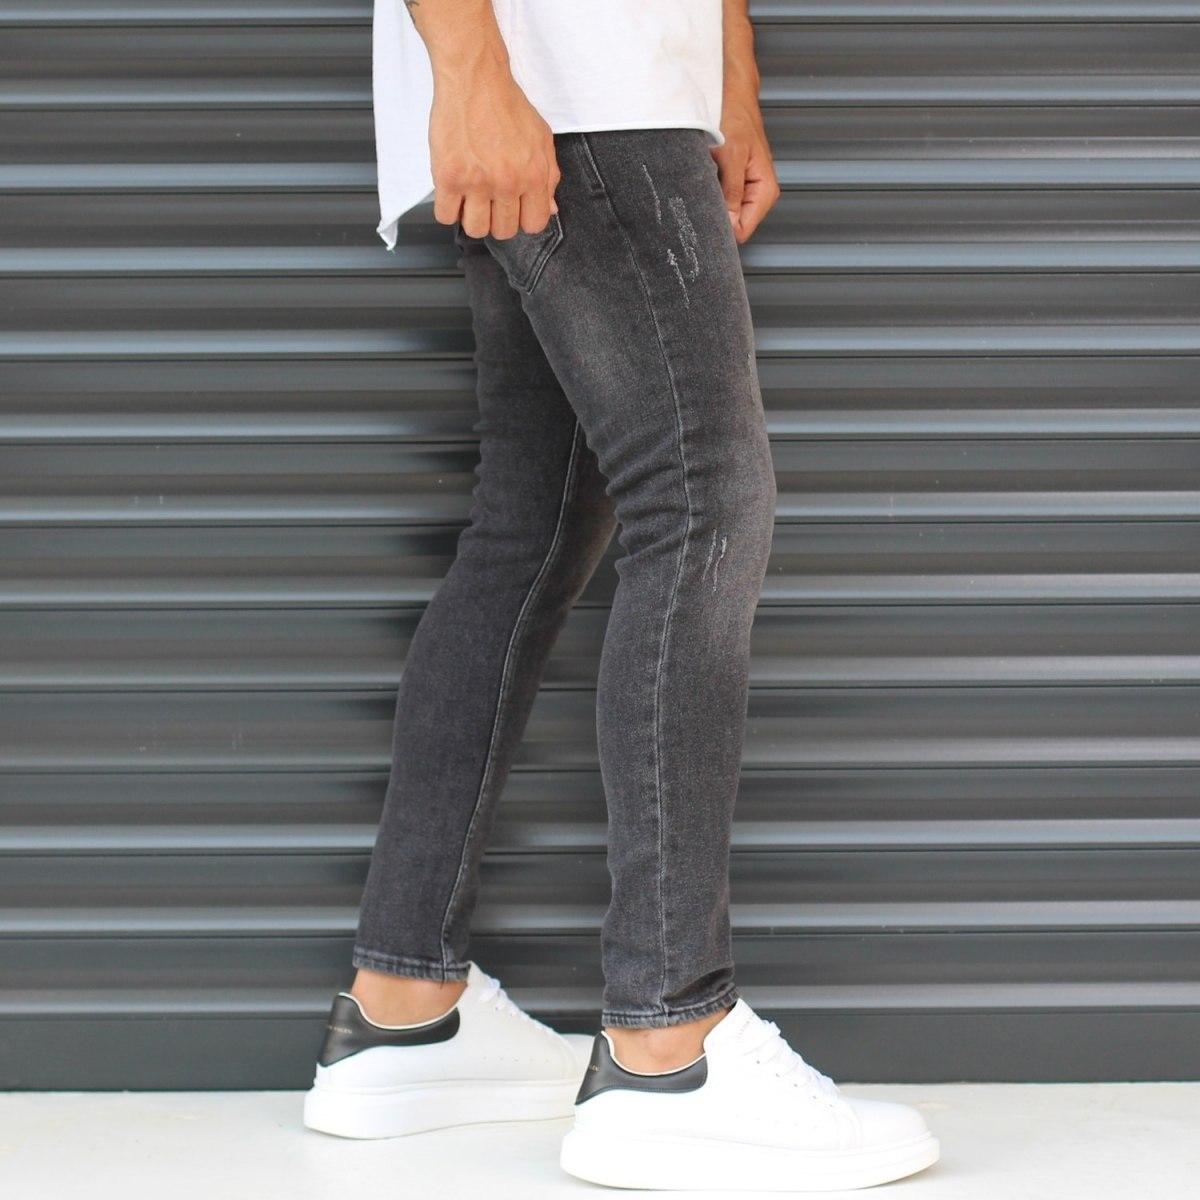 Men's Skinny Sport Jeans In Pale Black Mv Premium Brand - 3